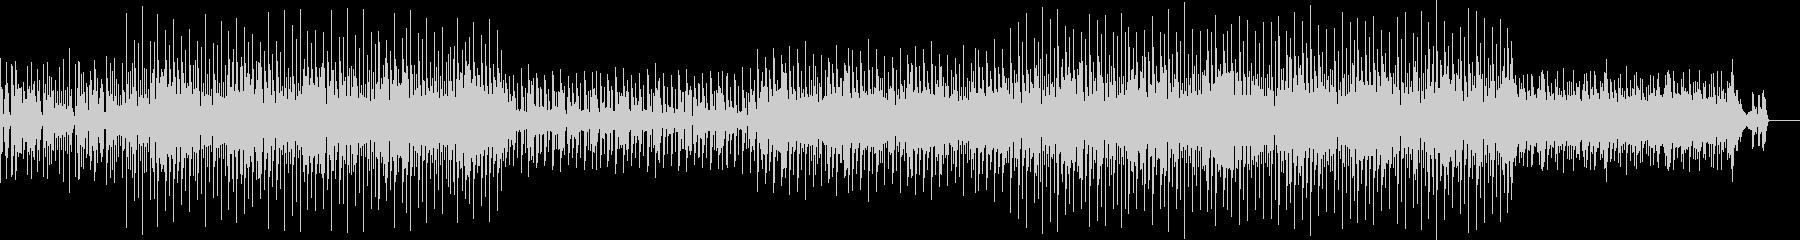 未来感を感じるビートBGMの未再生の波形